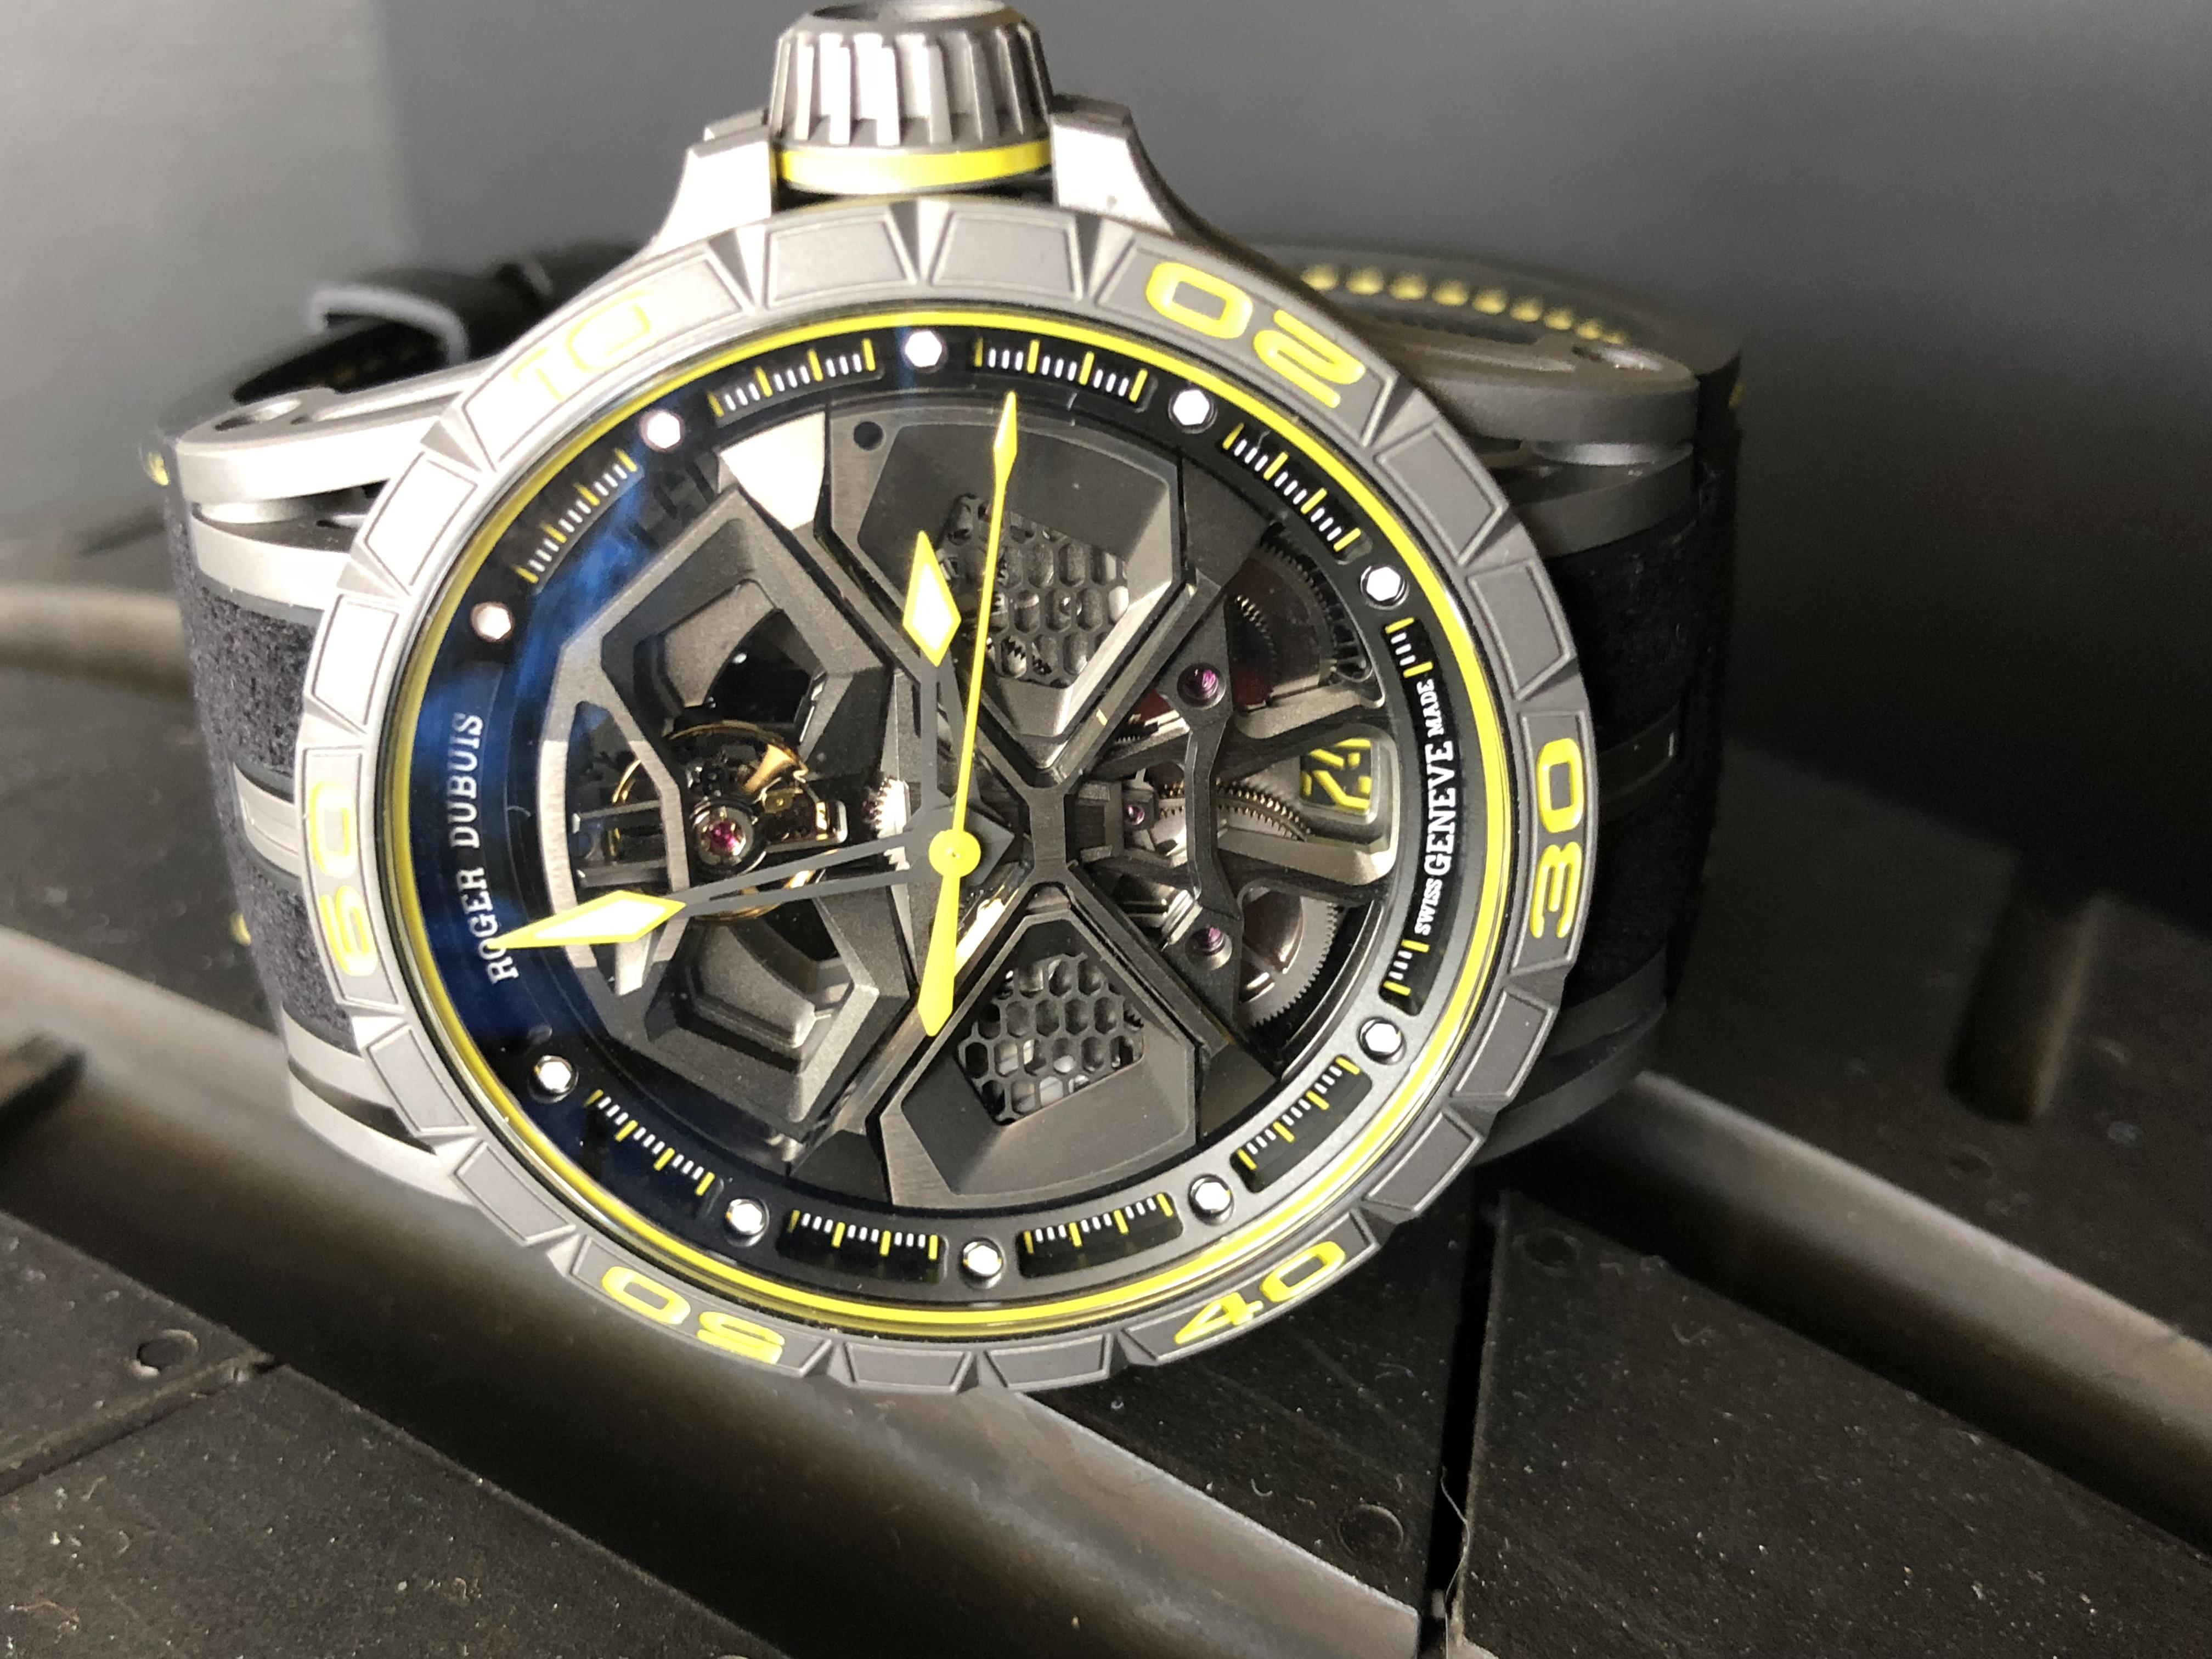 Roger Dubuis Excalibur Huracan Performante Lamborghini watch